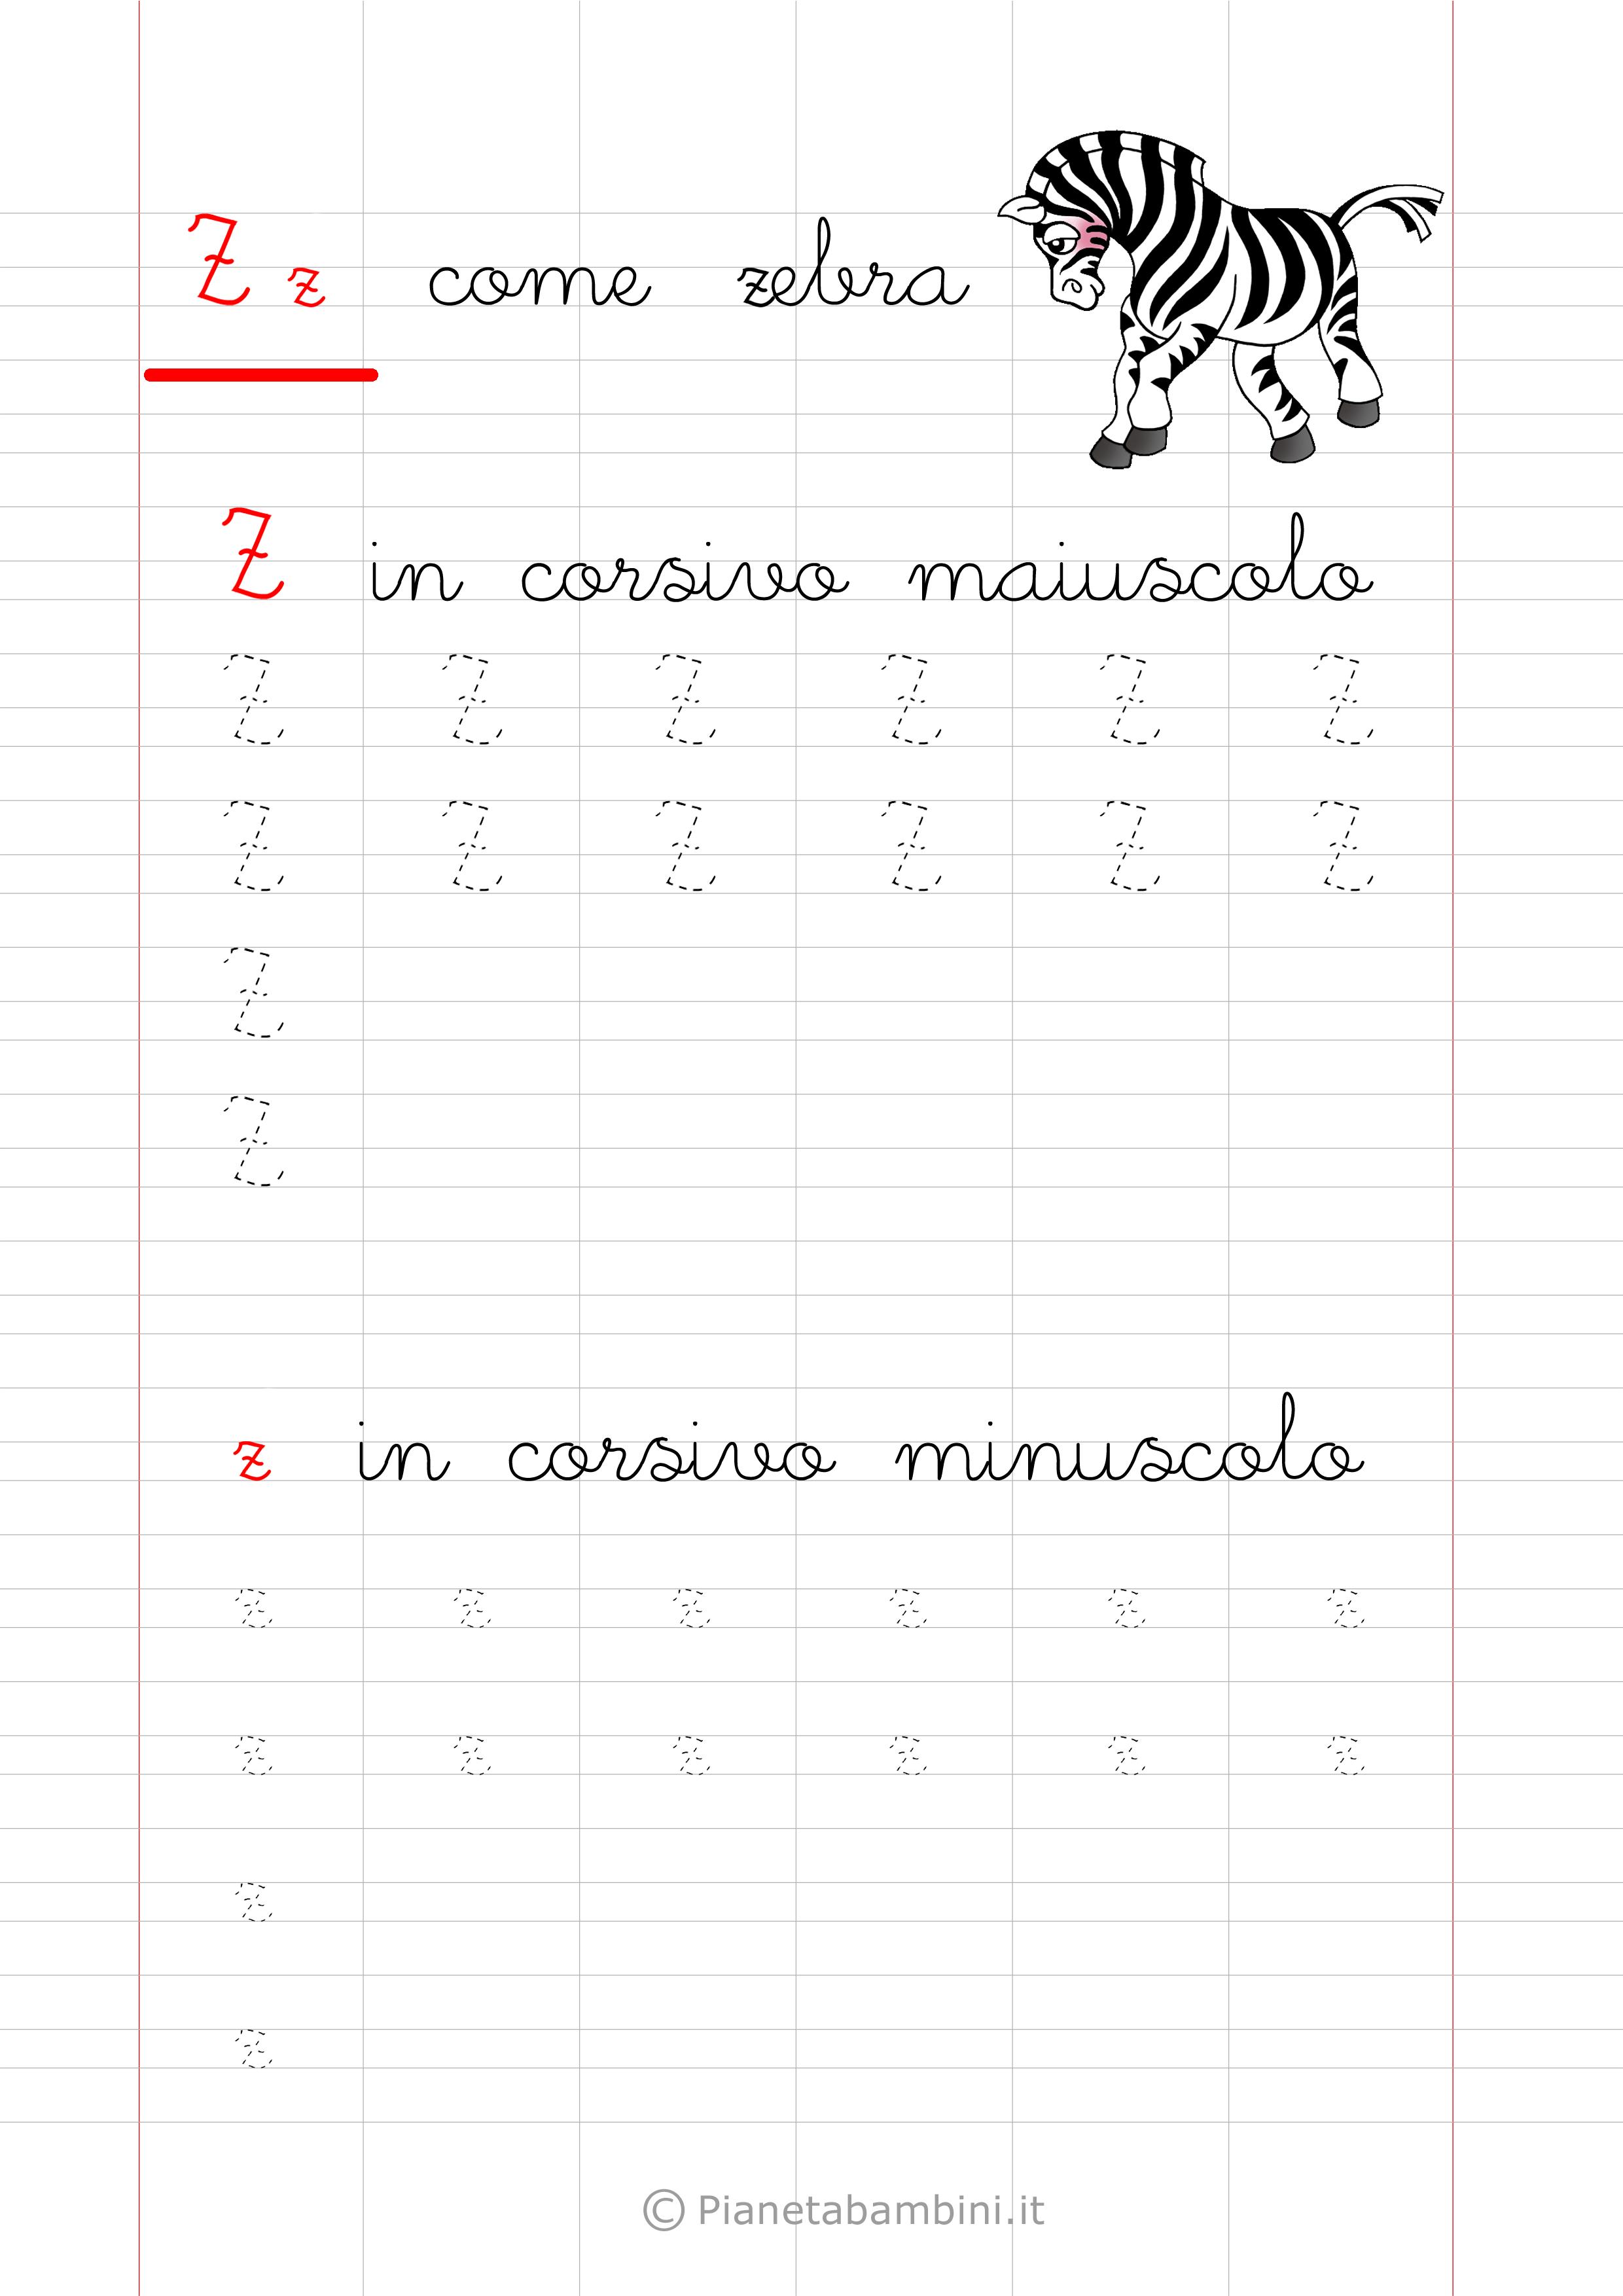 Bambini lettere dell alfabeto lettera e corsivo maiuscolo pictures to - Schede Di Pregrafismo Di Tutte Le Lettere Dell Alfabeto A Z In Corsivo E